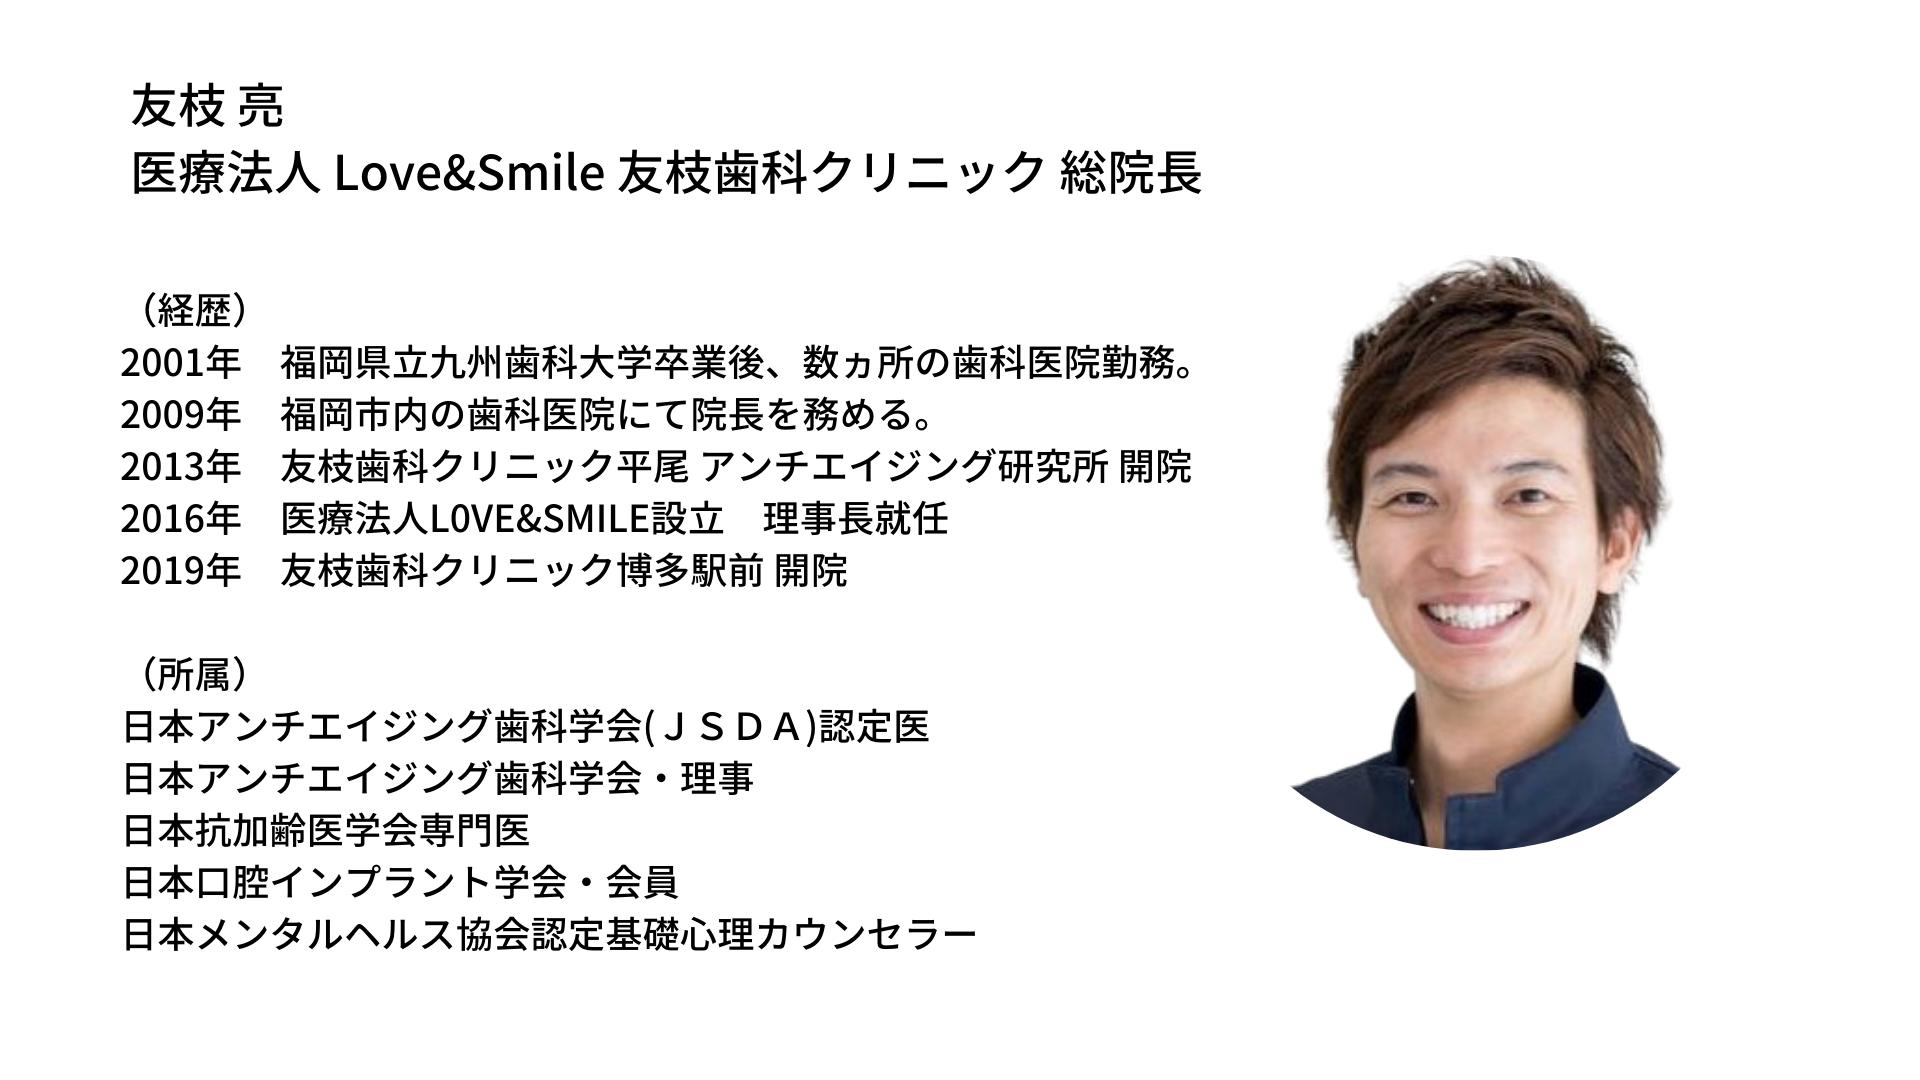 歯科 セミナー 友枝歯科クリニック